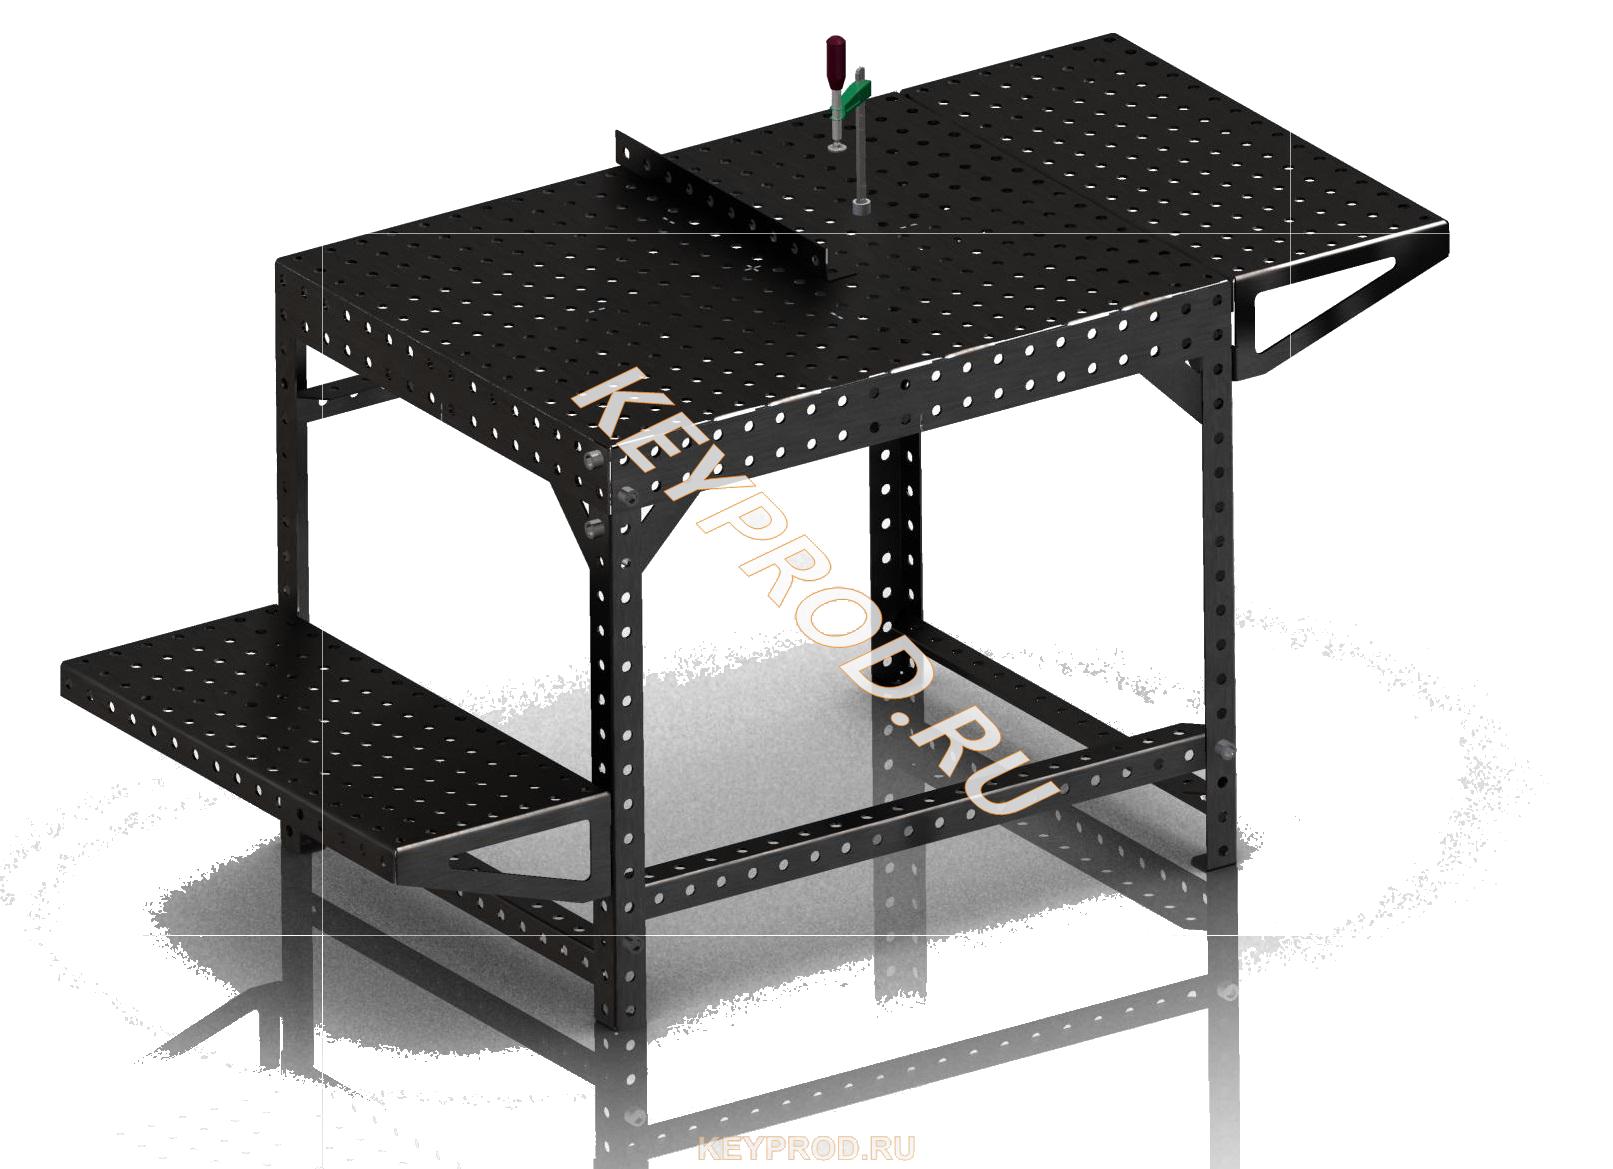 Стол сварочно-мантажный серии Master 3D-модель чертежи описание